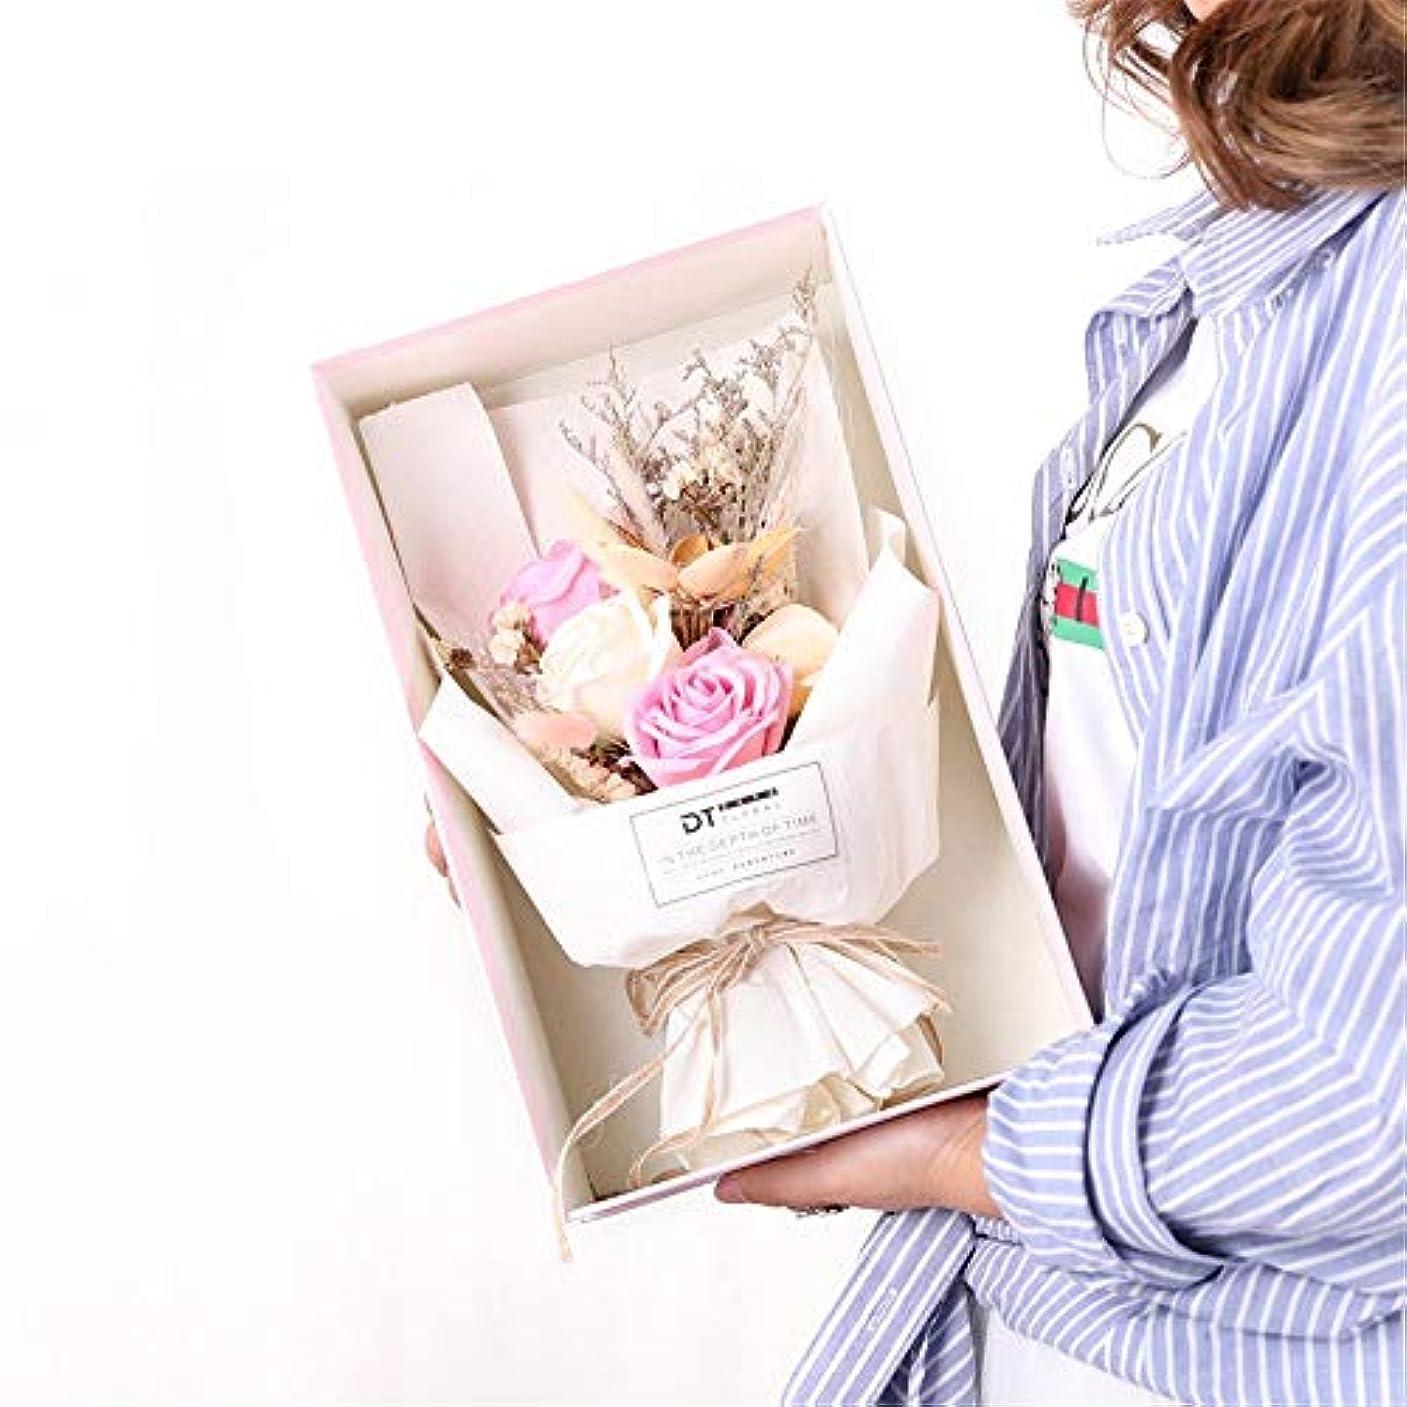 無傷ハブブピクニックをする手作りのバラ石鹸フラワーブーケのギフトボックス、女性のためのギフトバレンタインデー、母の日、結婚式、クリスマス、誕生日を愛した女の子 (色 : ピンク)